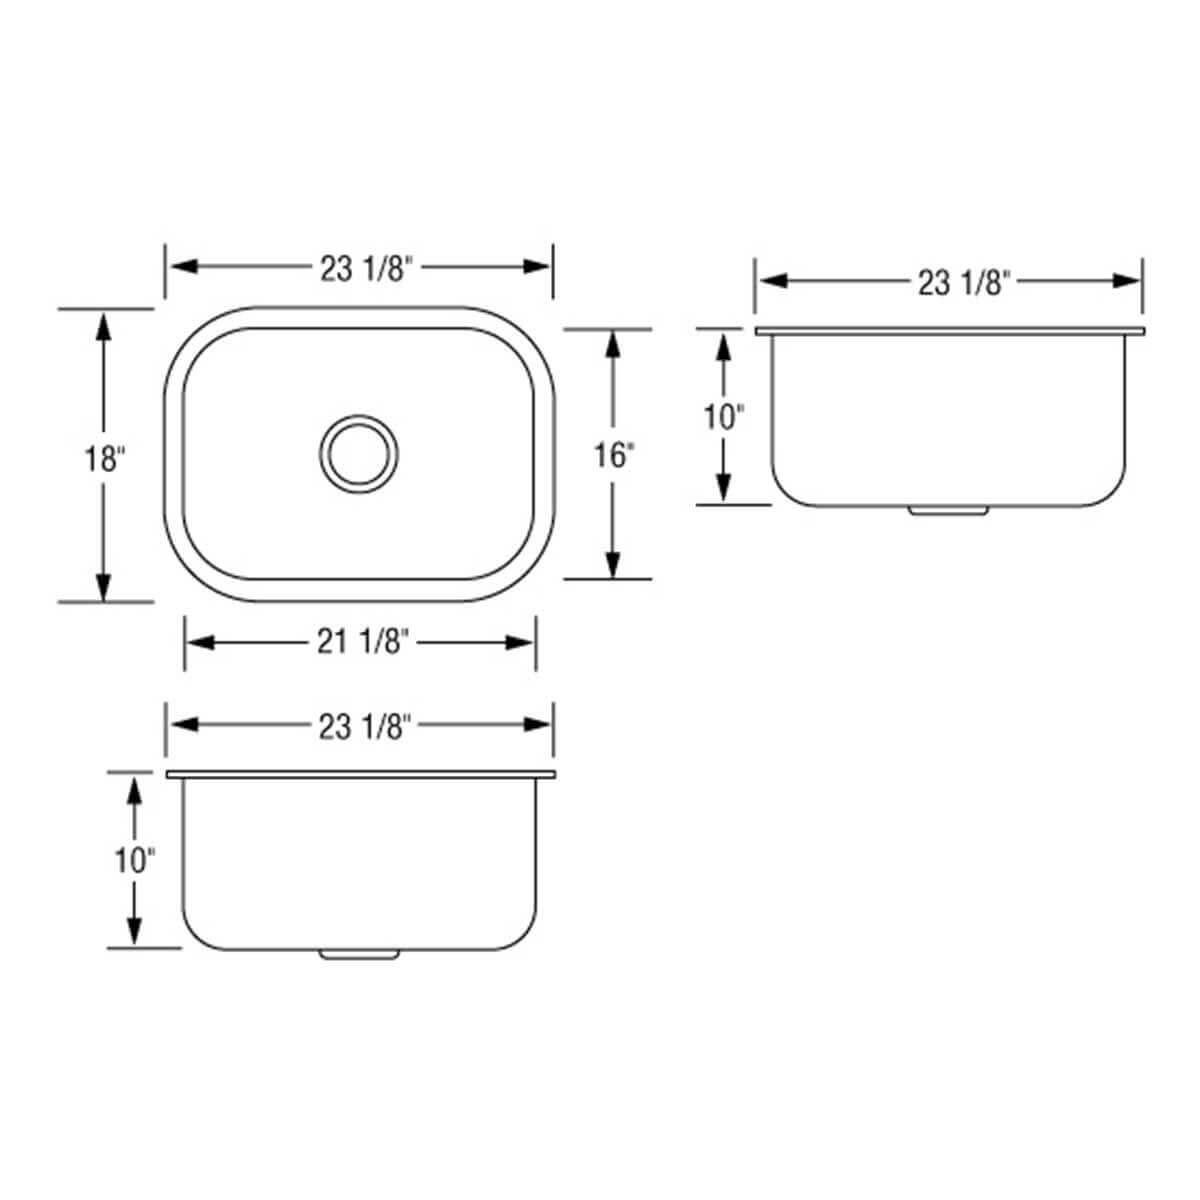 Artisan Single bowl AR2318-D10 draw